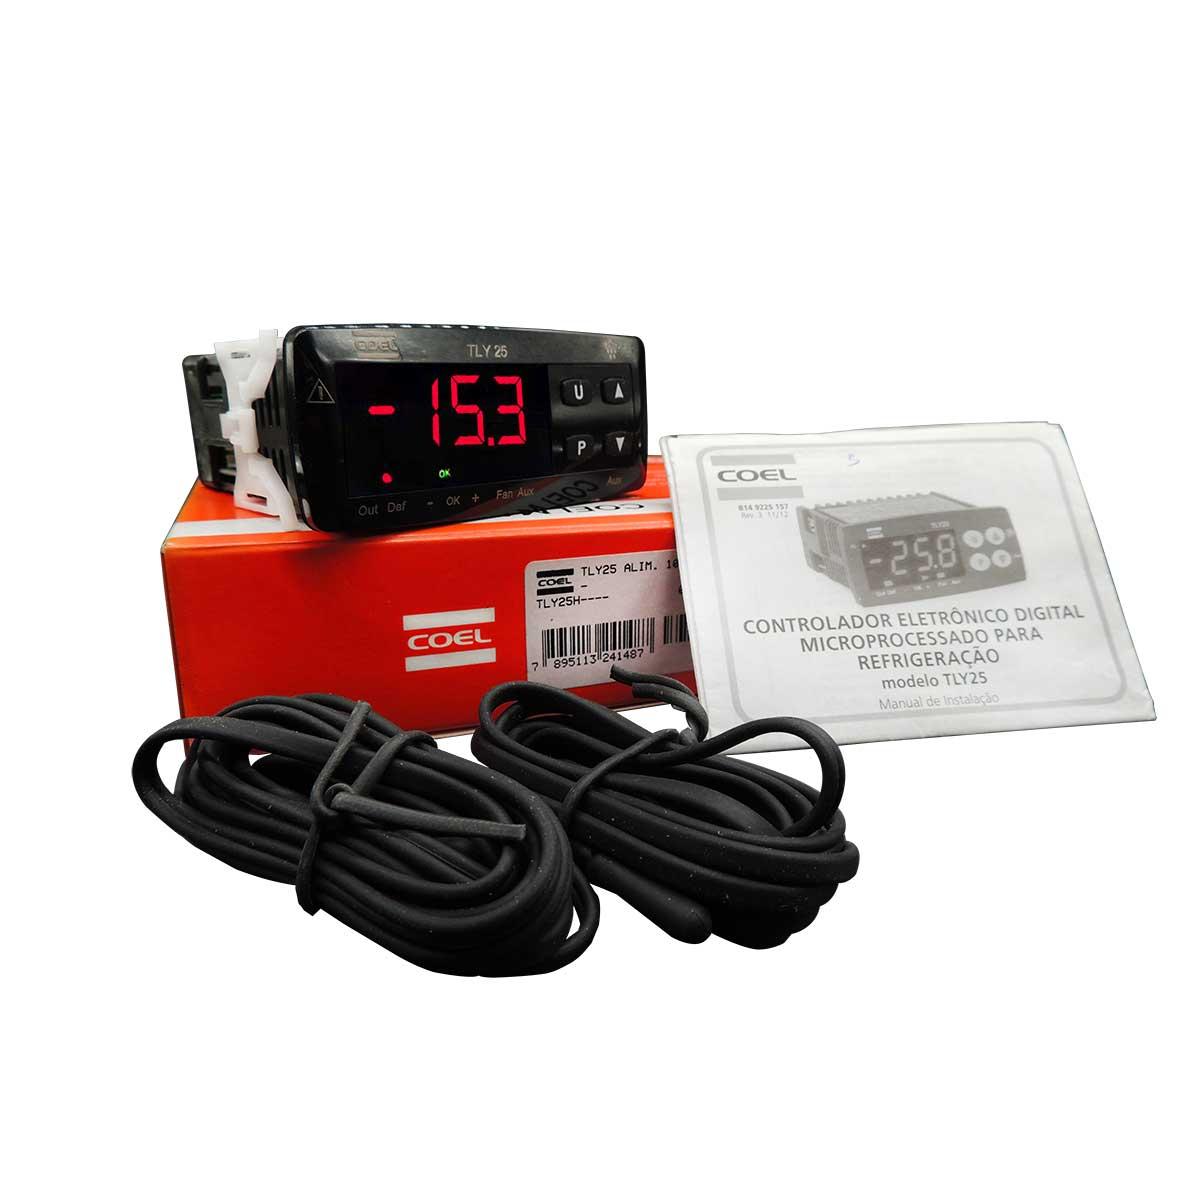 Módulo Display Controlador de temperatura e degelo Digital Para Refrigeração e Congelados TLY25H Coel